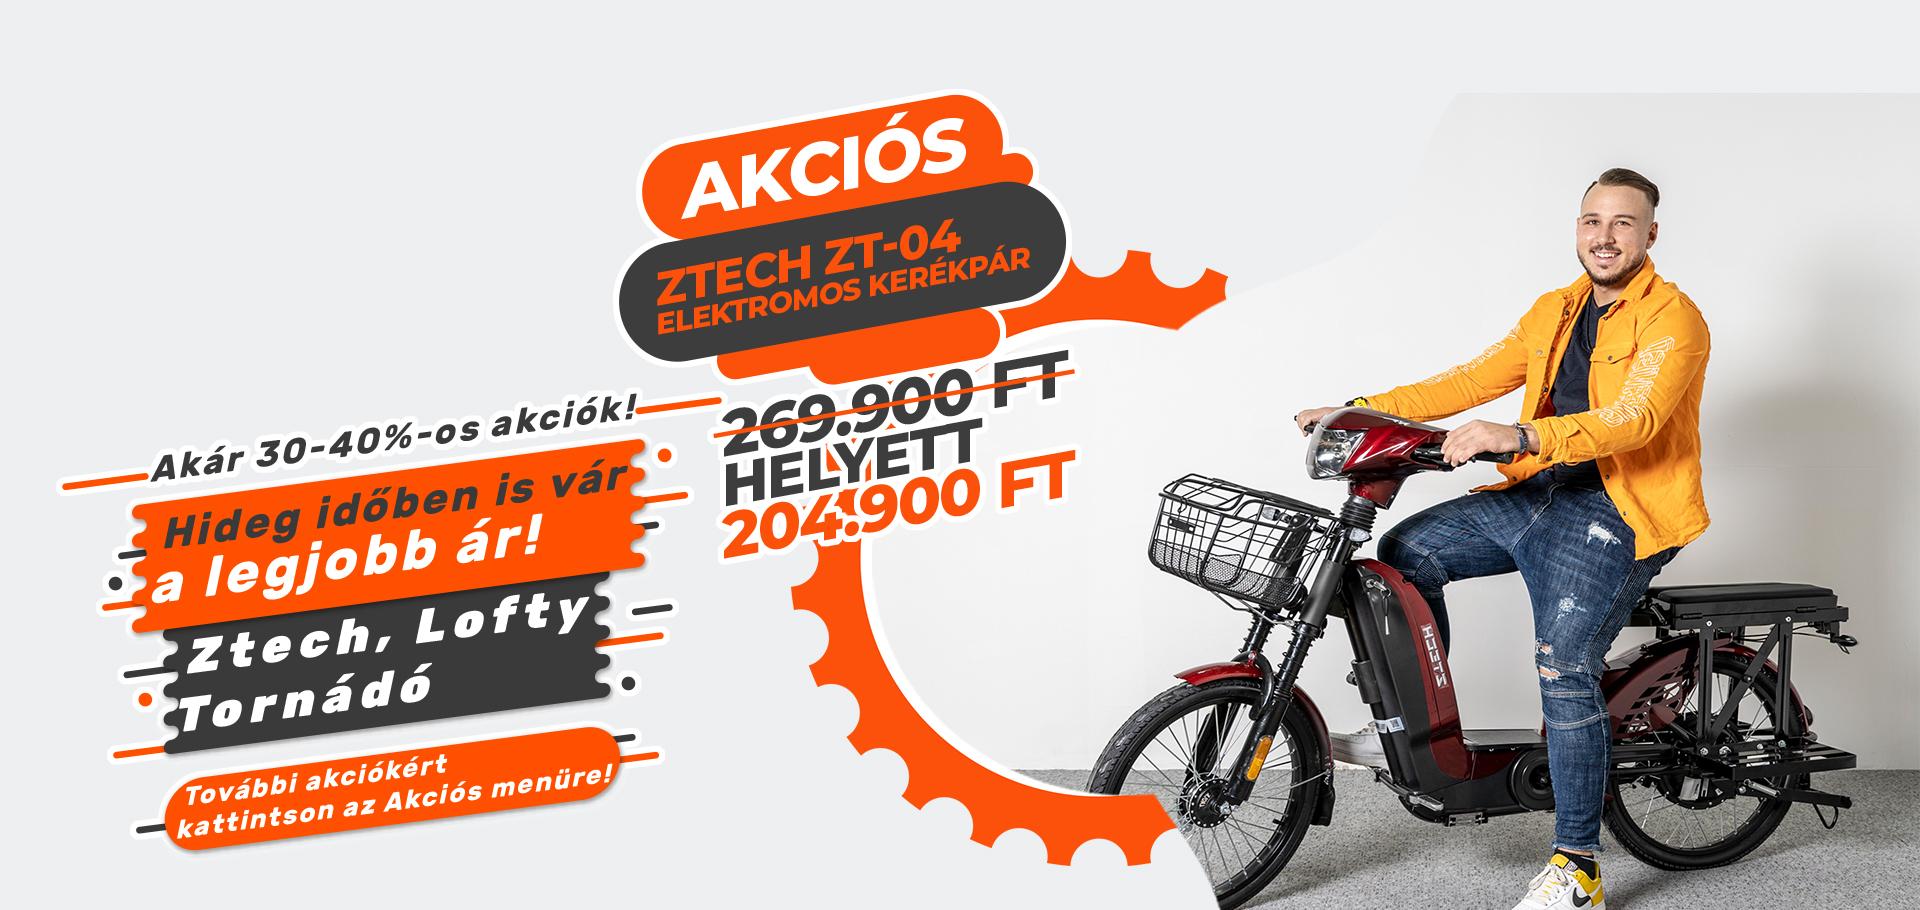 ZT-04 AKCIÓ